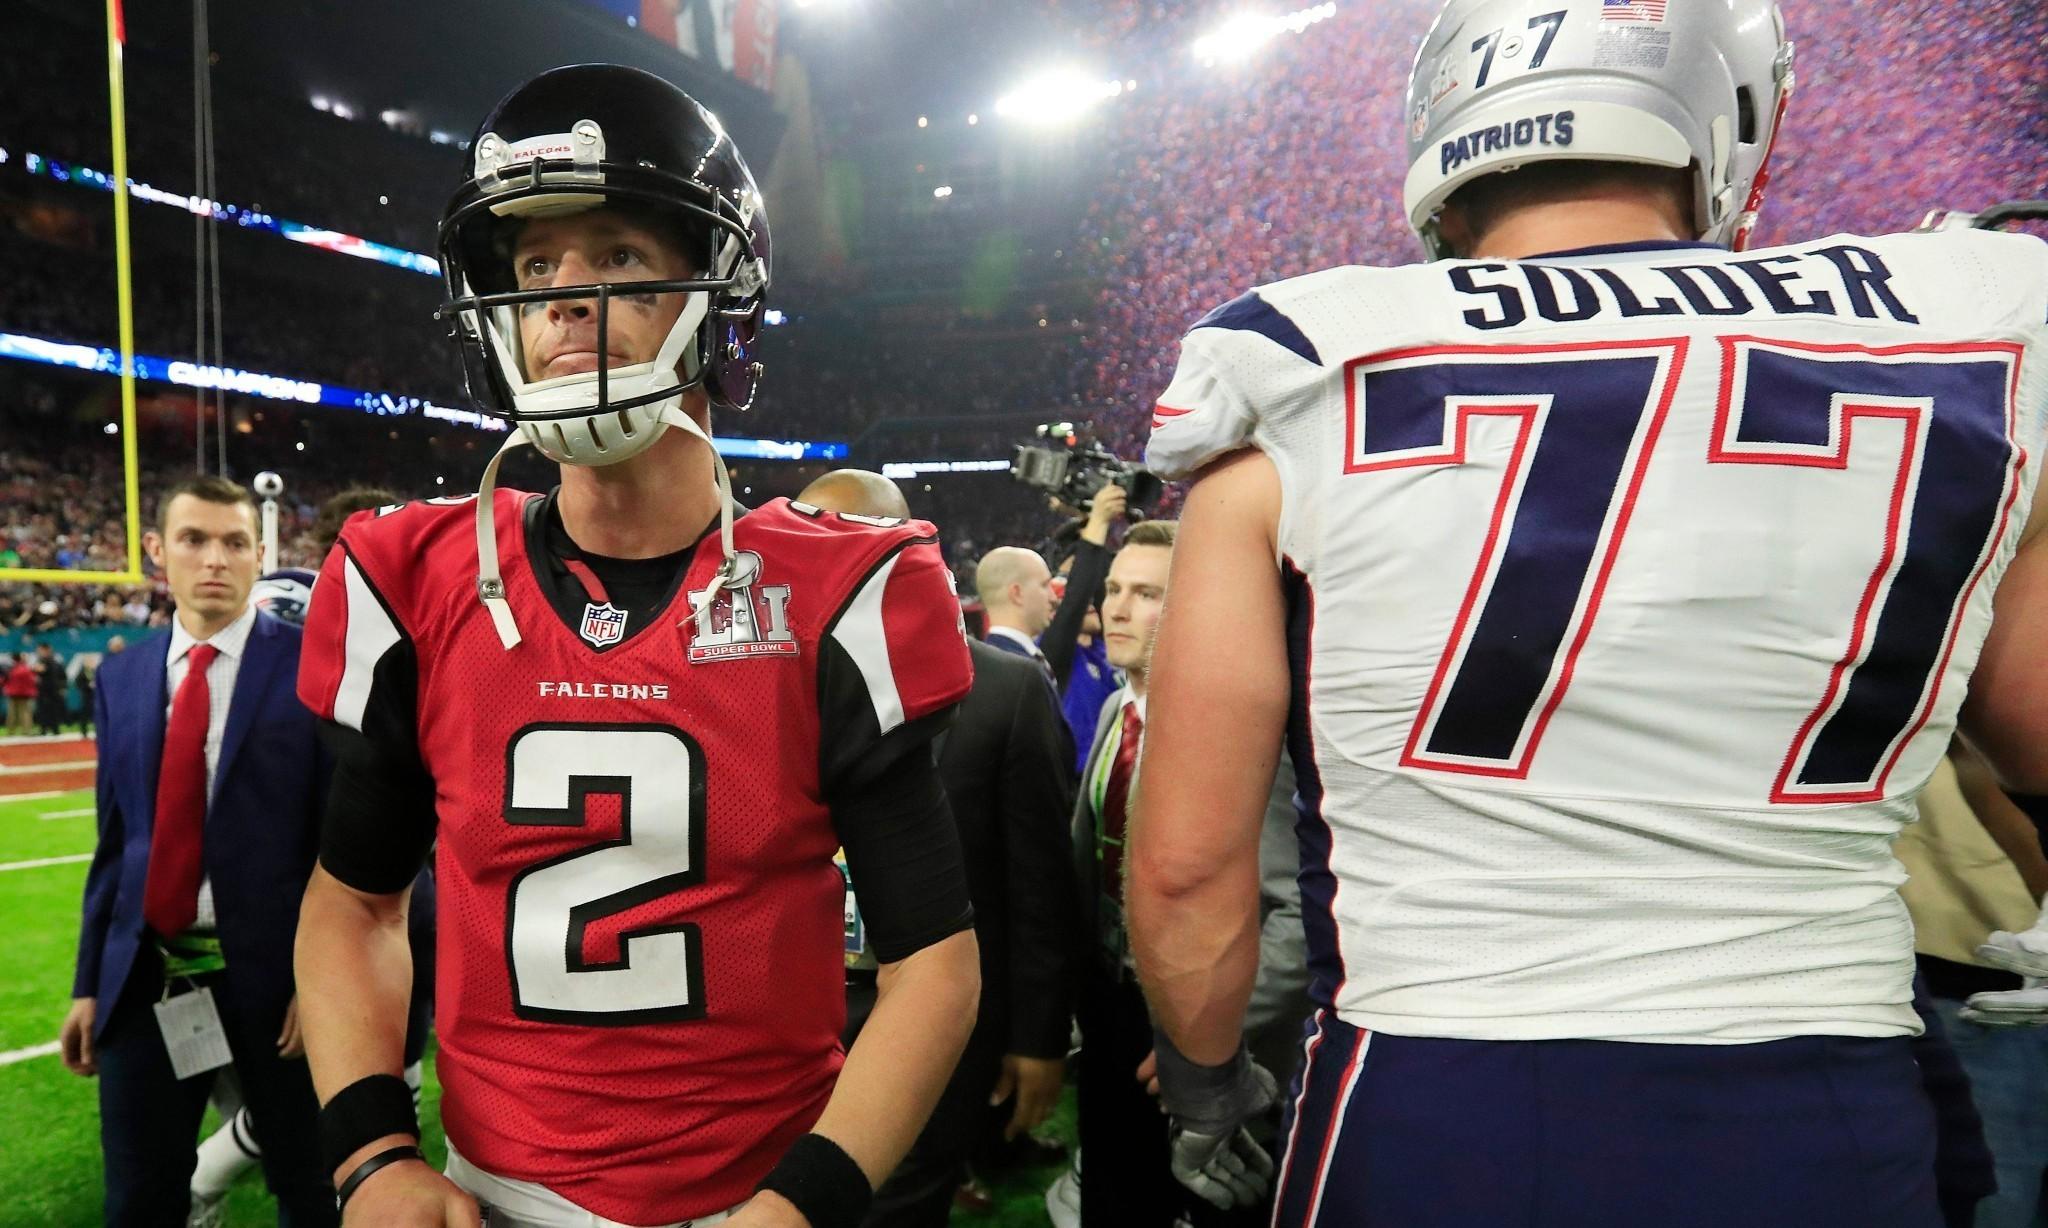 Super Bowl 2017: Tom Brady leads Patriots to historic comeback win